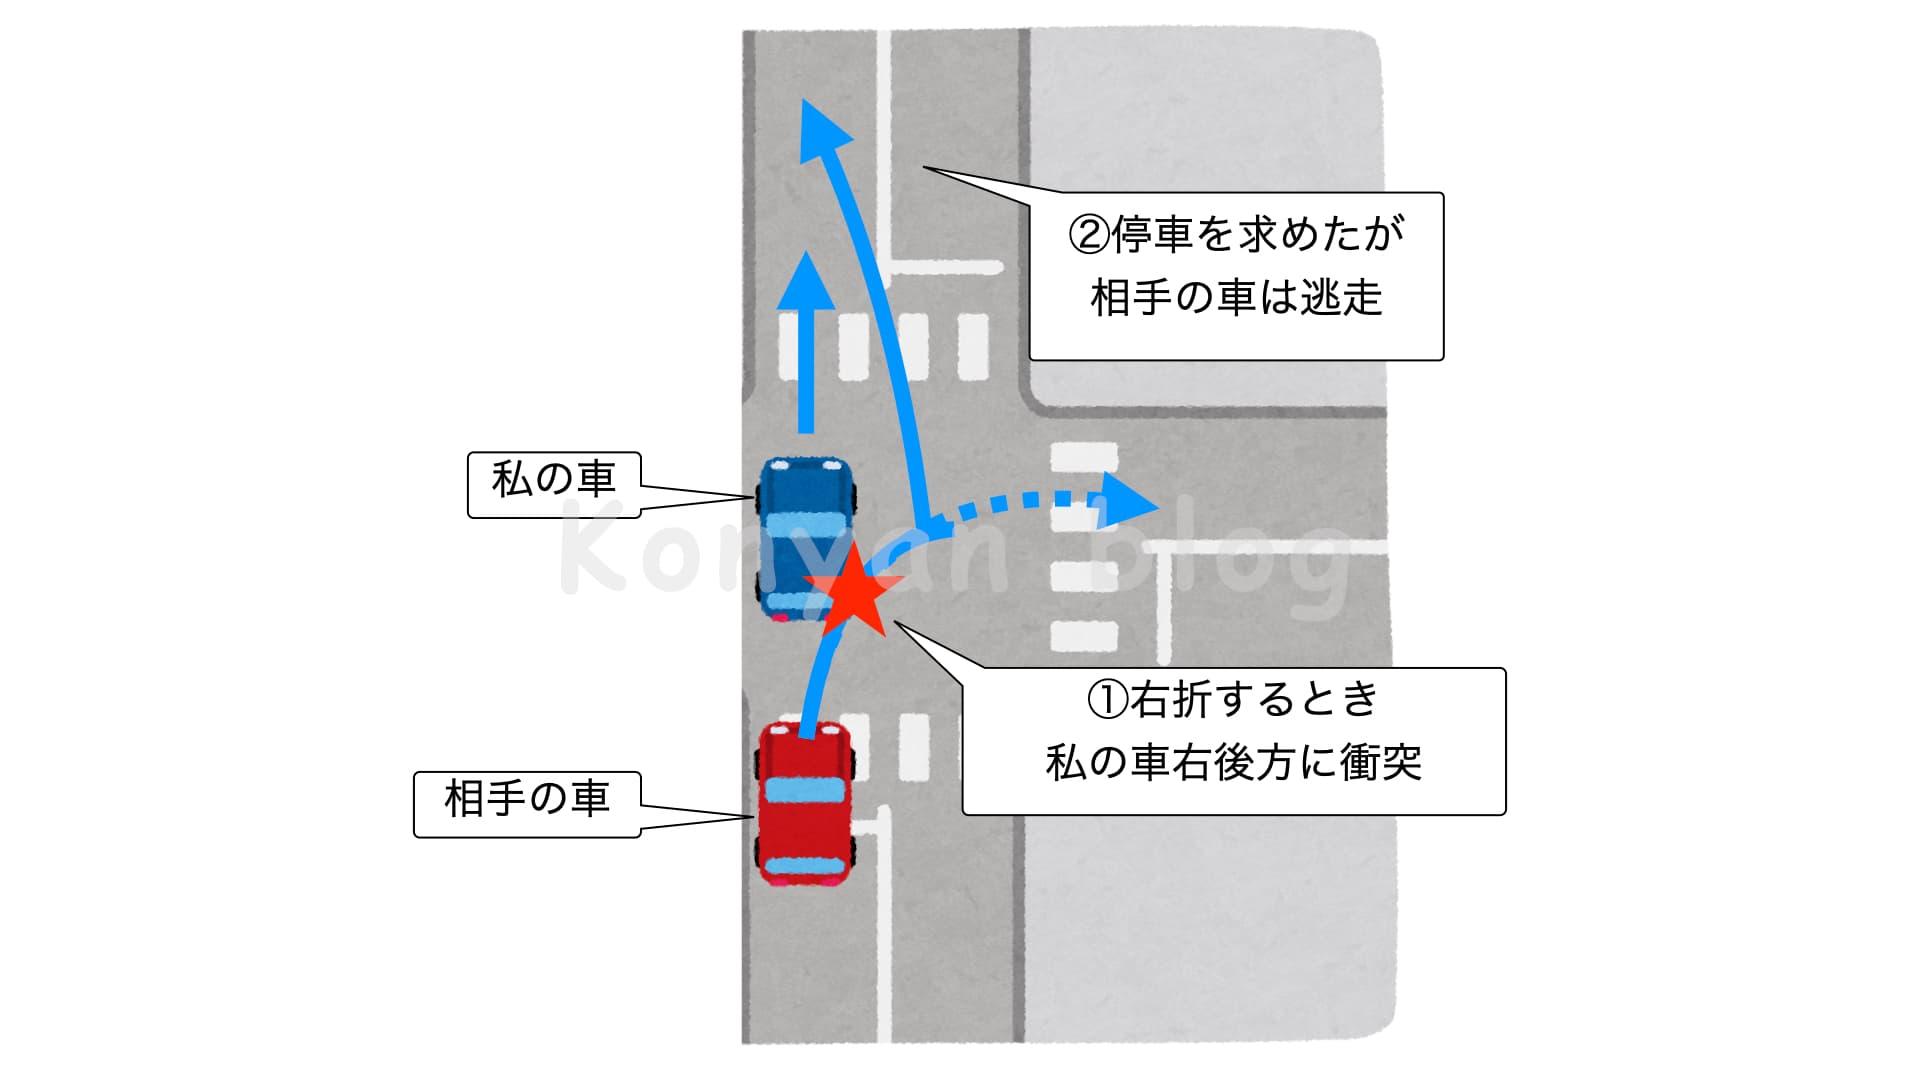 マレーシア 自動車事故 対応 フロー 事故の体験